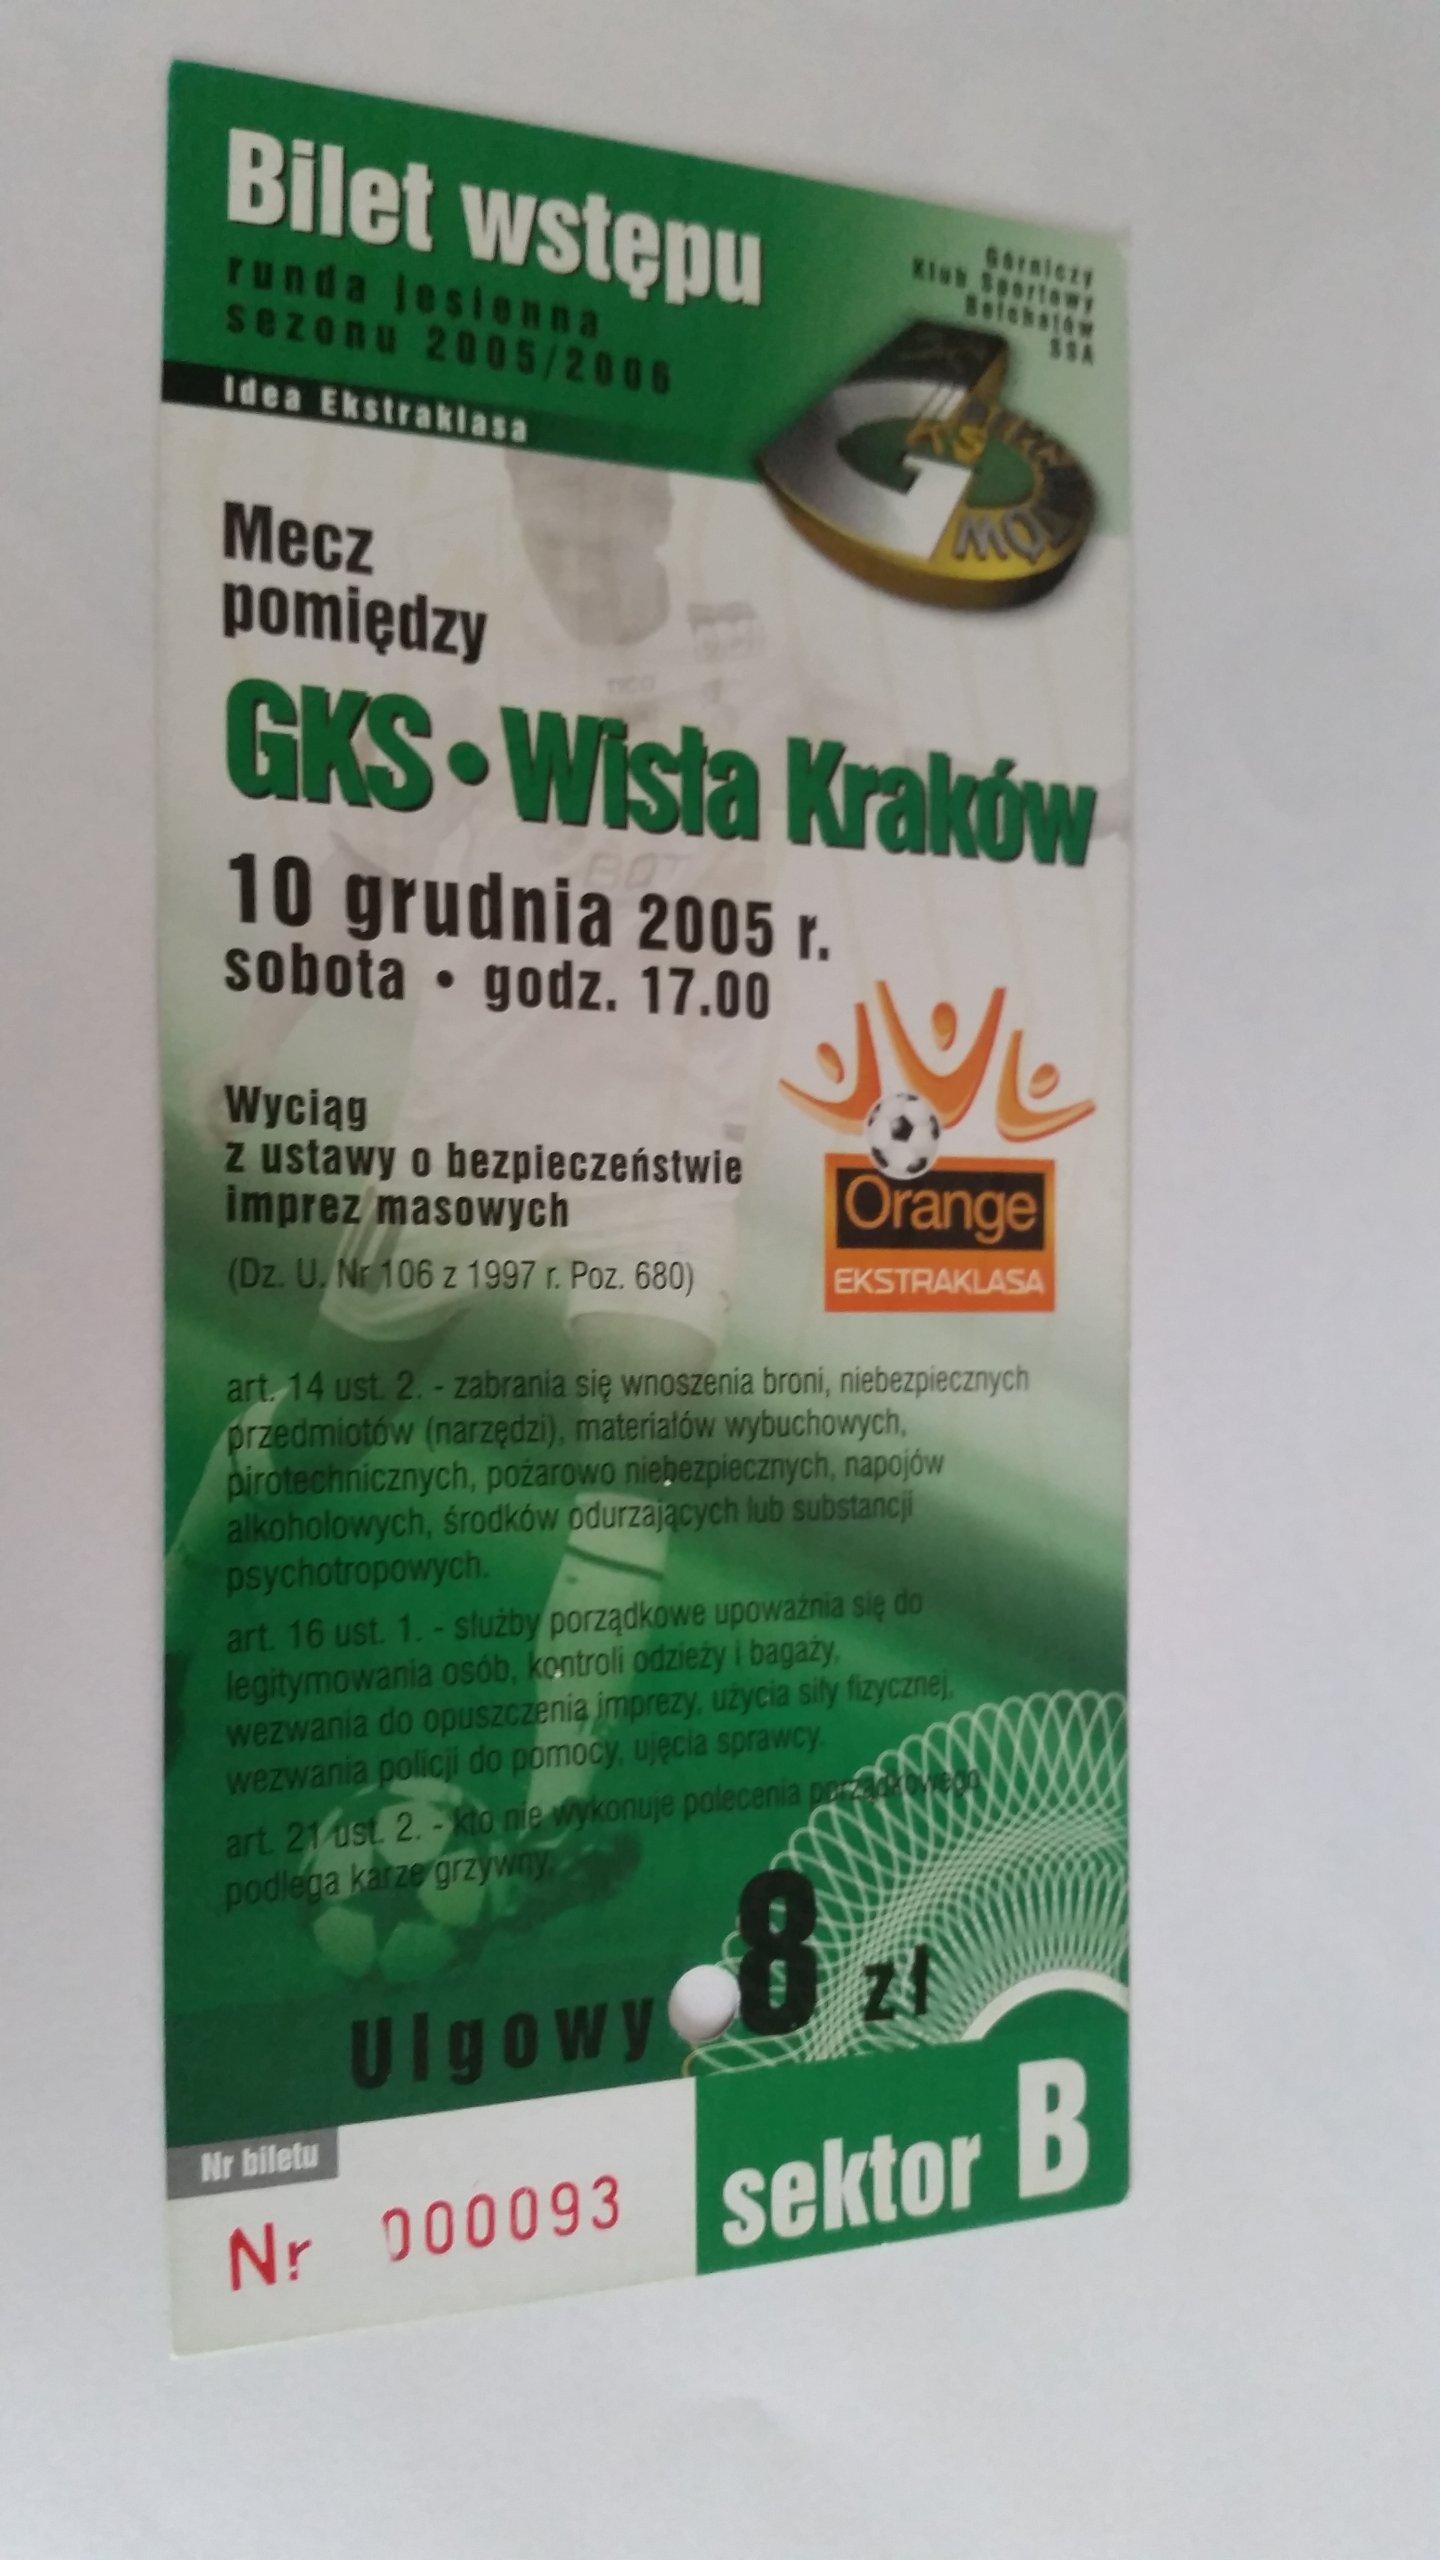 билет на ГКС БЕЛХАТУВ - ВИСЛА Краков, 2005